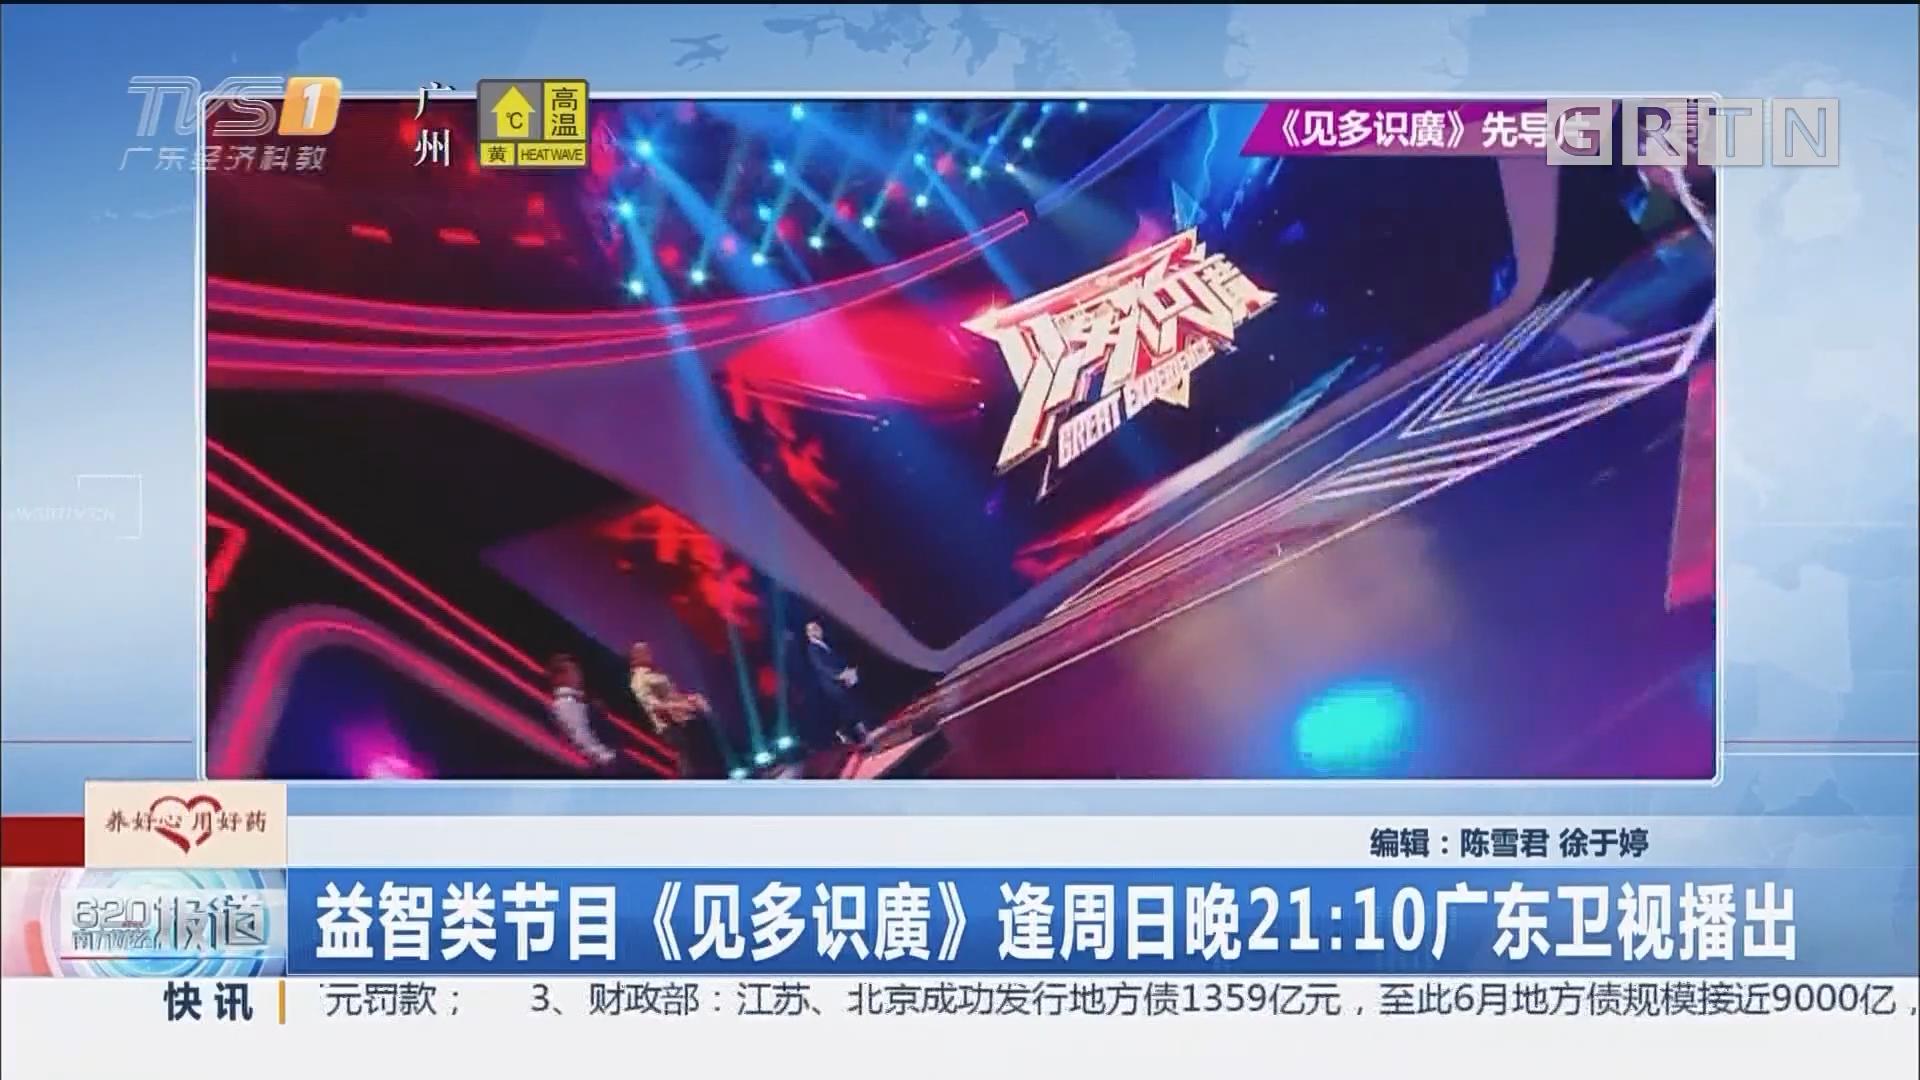 益智类节目《见多识廣》逢周日晚21:10广东卫视播出